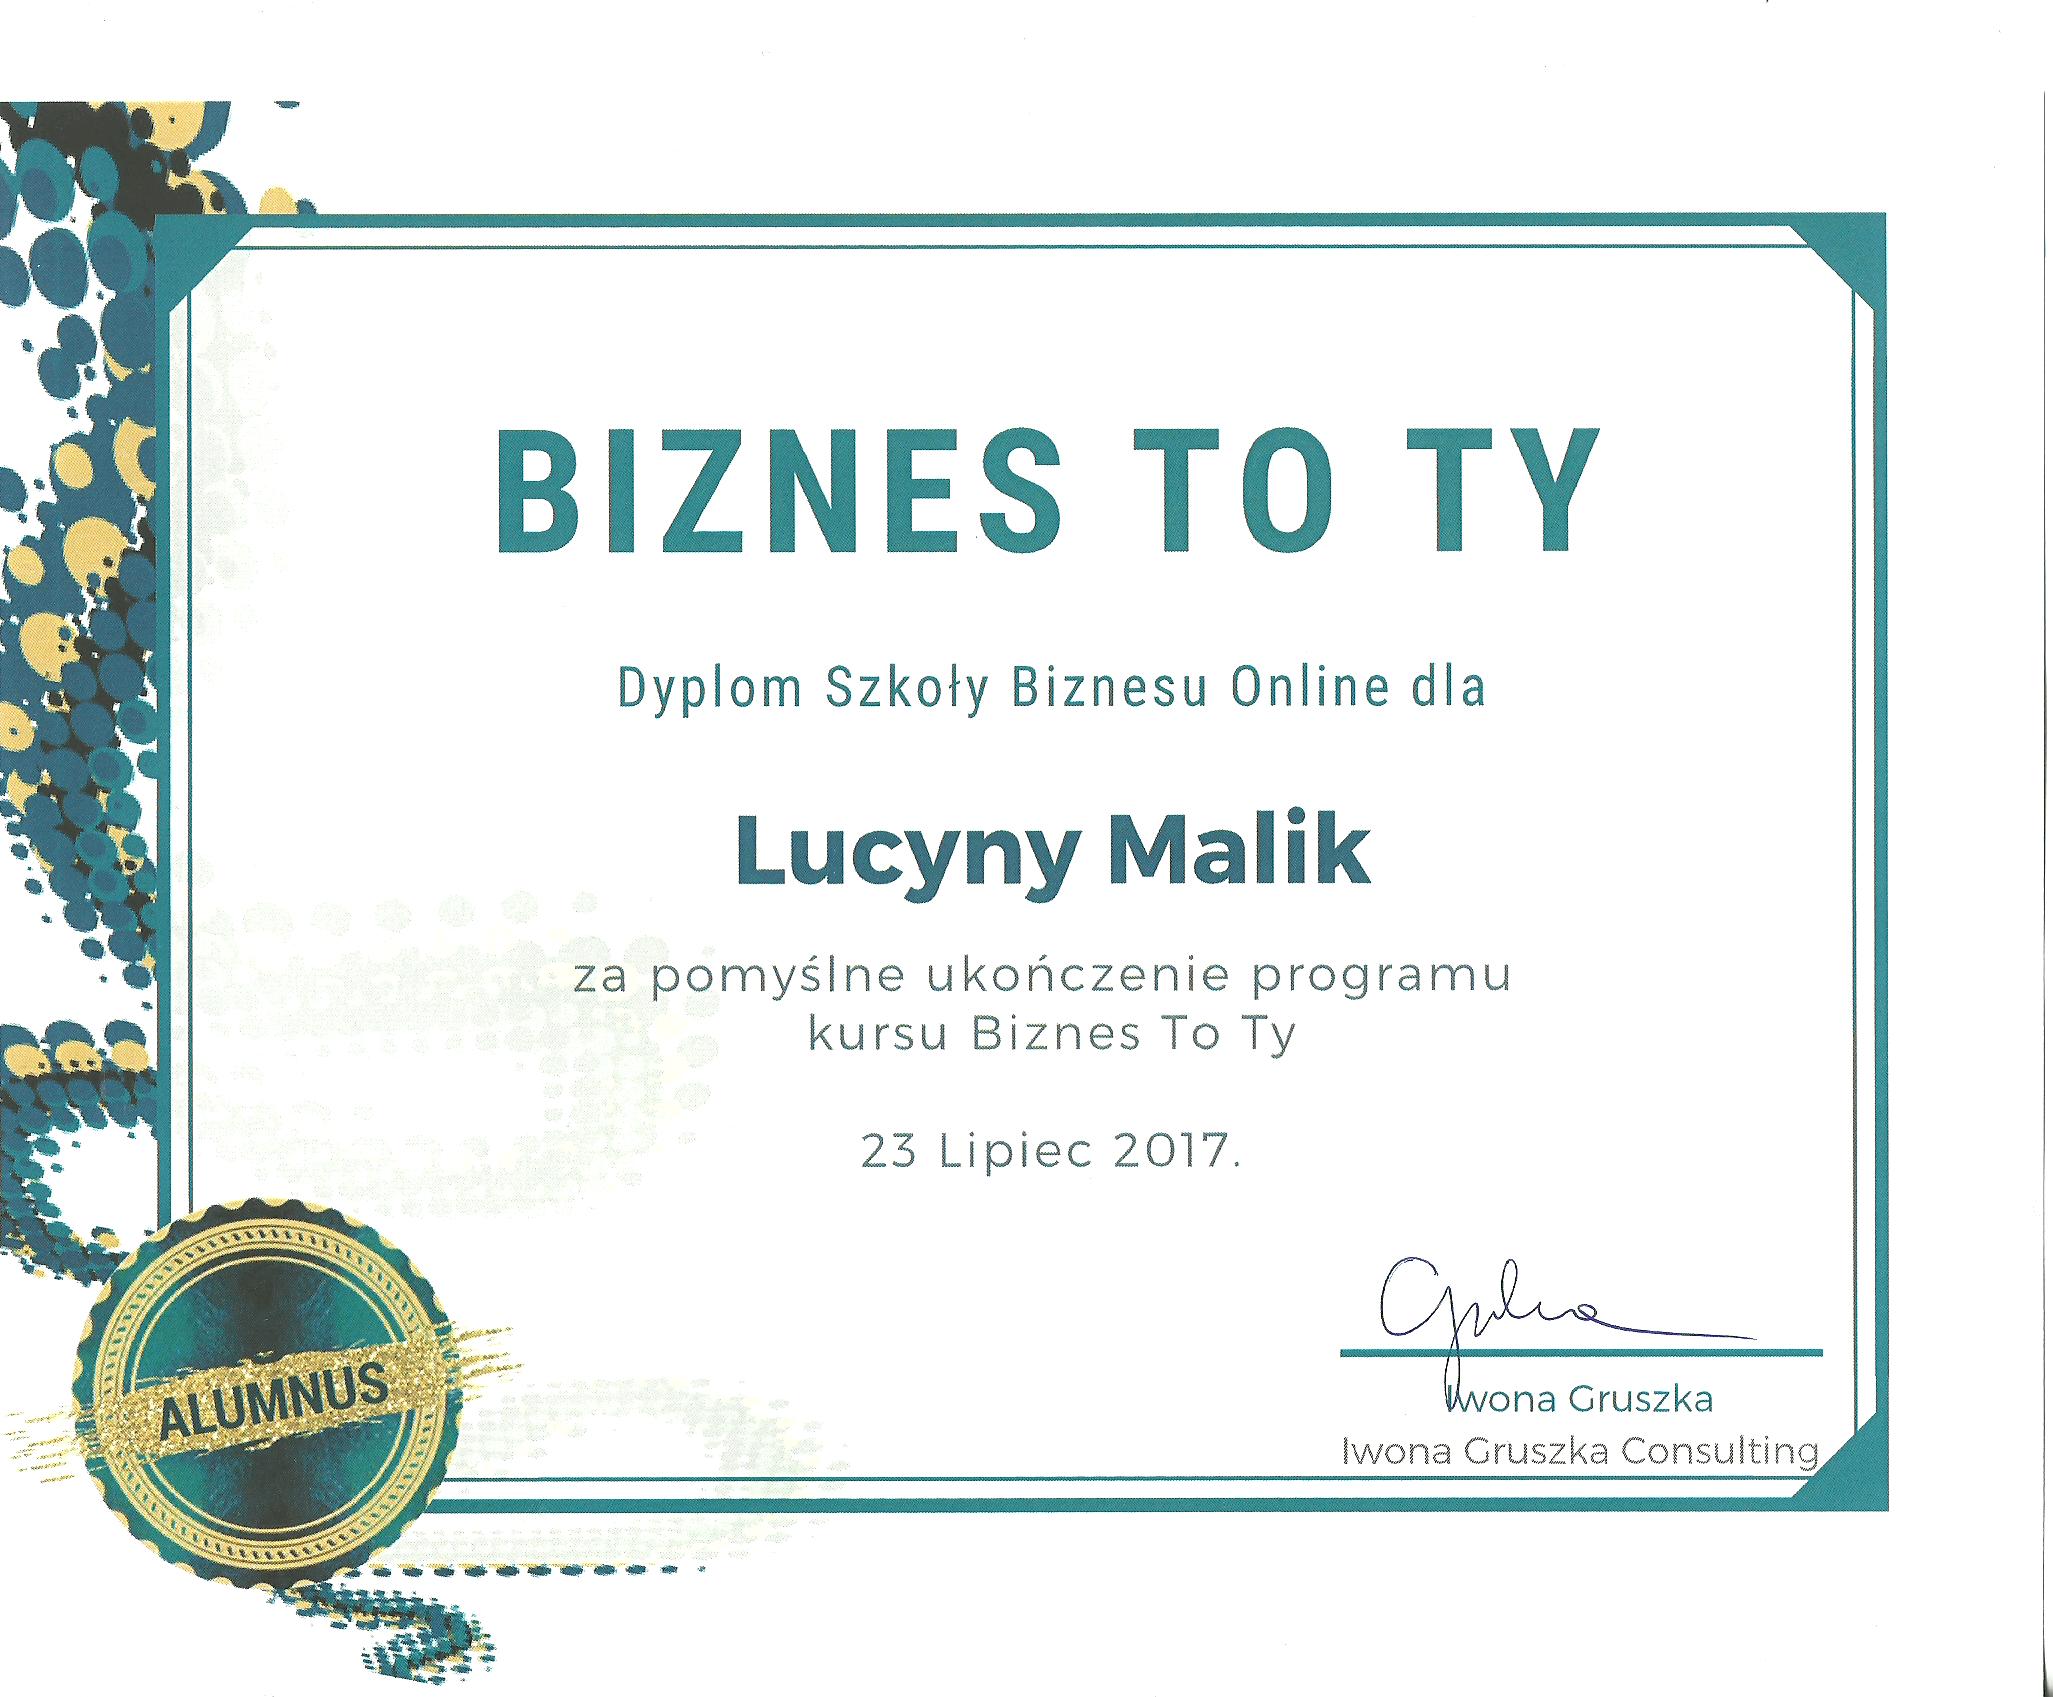 Lucyna Malik Dyplom Szkolenia Biznes to Ty